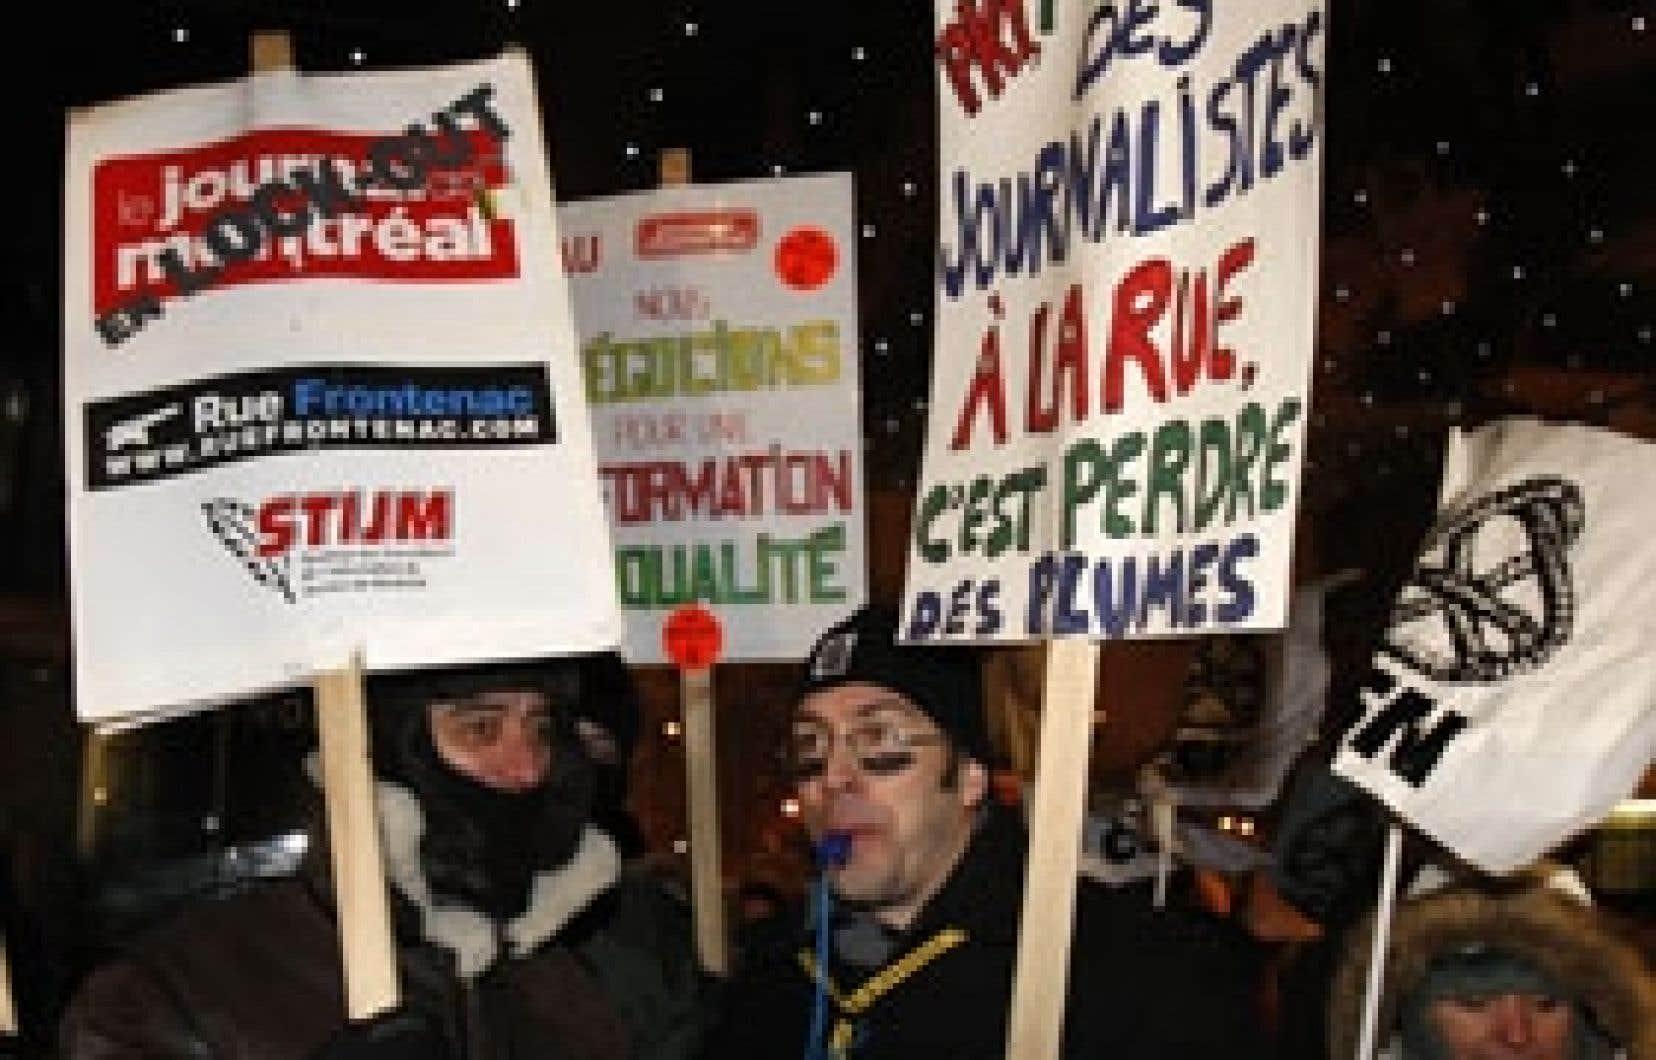 Pour souligner le premier mois de leur lock-out, une cinquantaine d'employés du Journal de Montréal manifestaient hier soir devant le Cinéma Impérial, dans le centre-ville de Montréal, où se tenait la première du film de Robert Ménard Le Bonheu